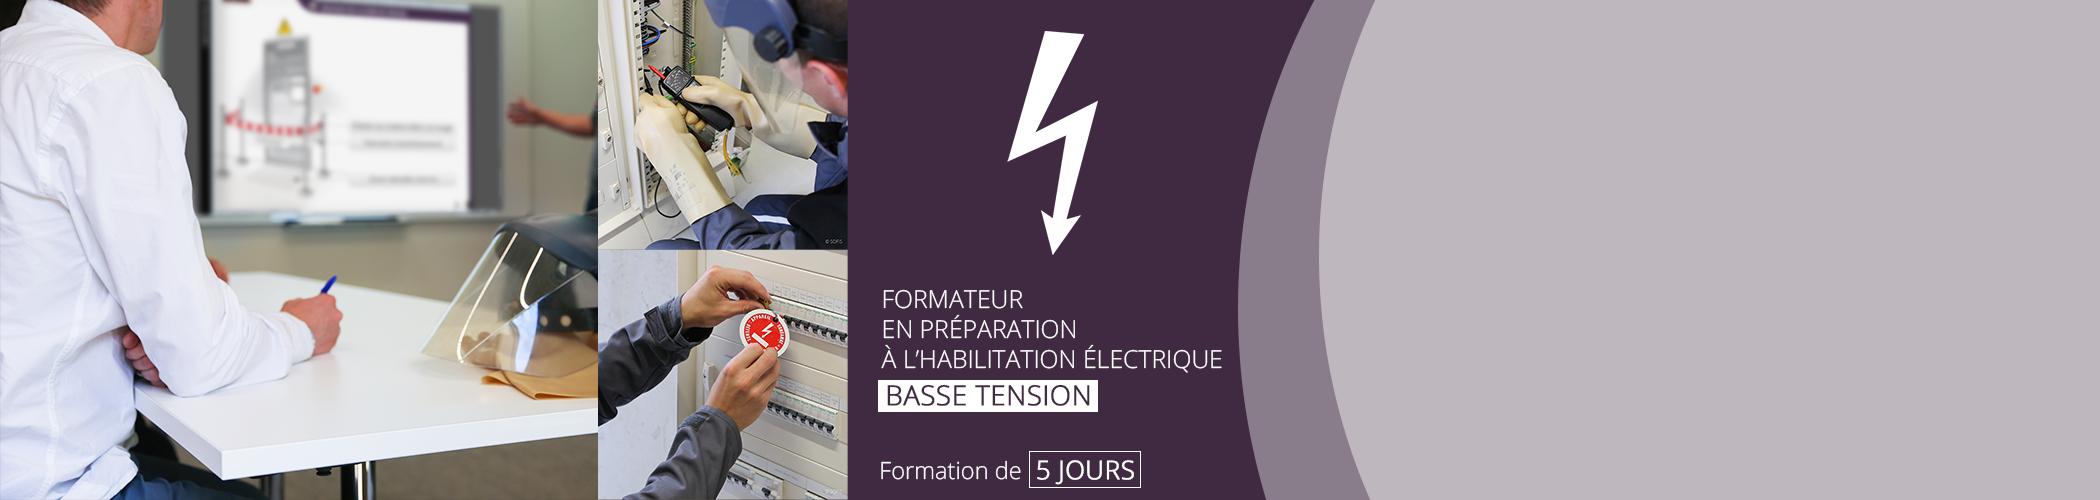 Formation de formateur en préparation à l'habilitation électrique du 22 au 29 août à Belz (56)